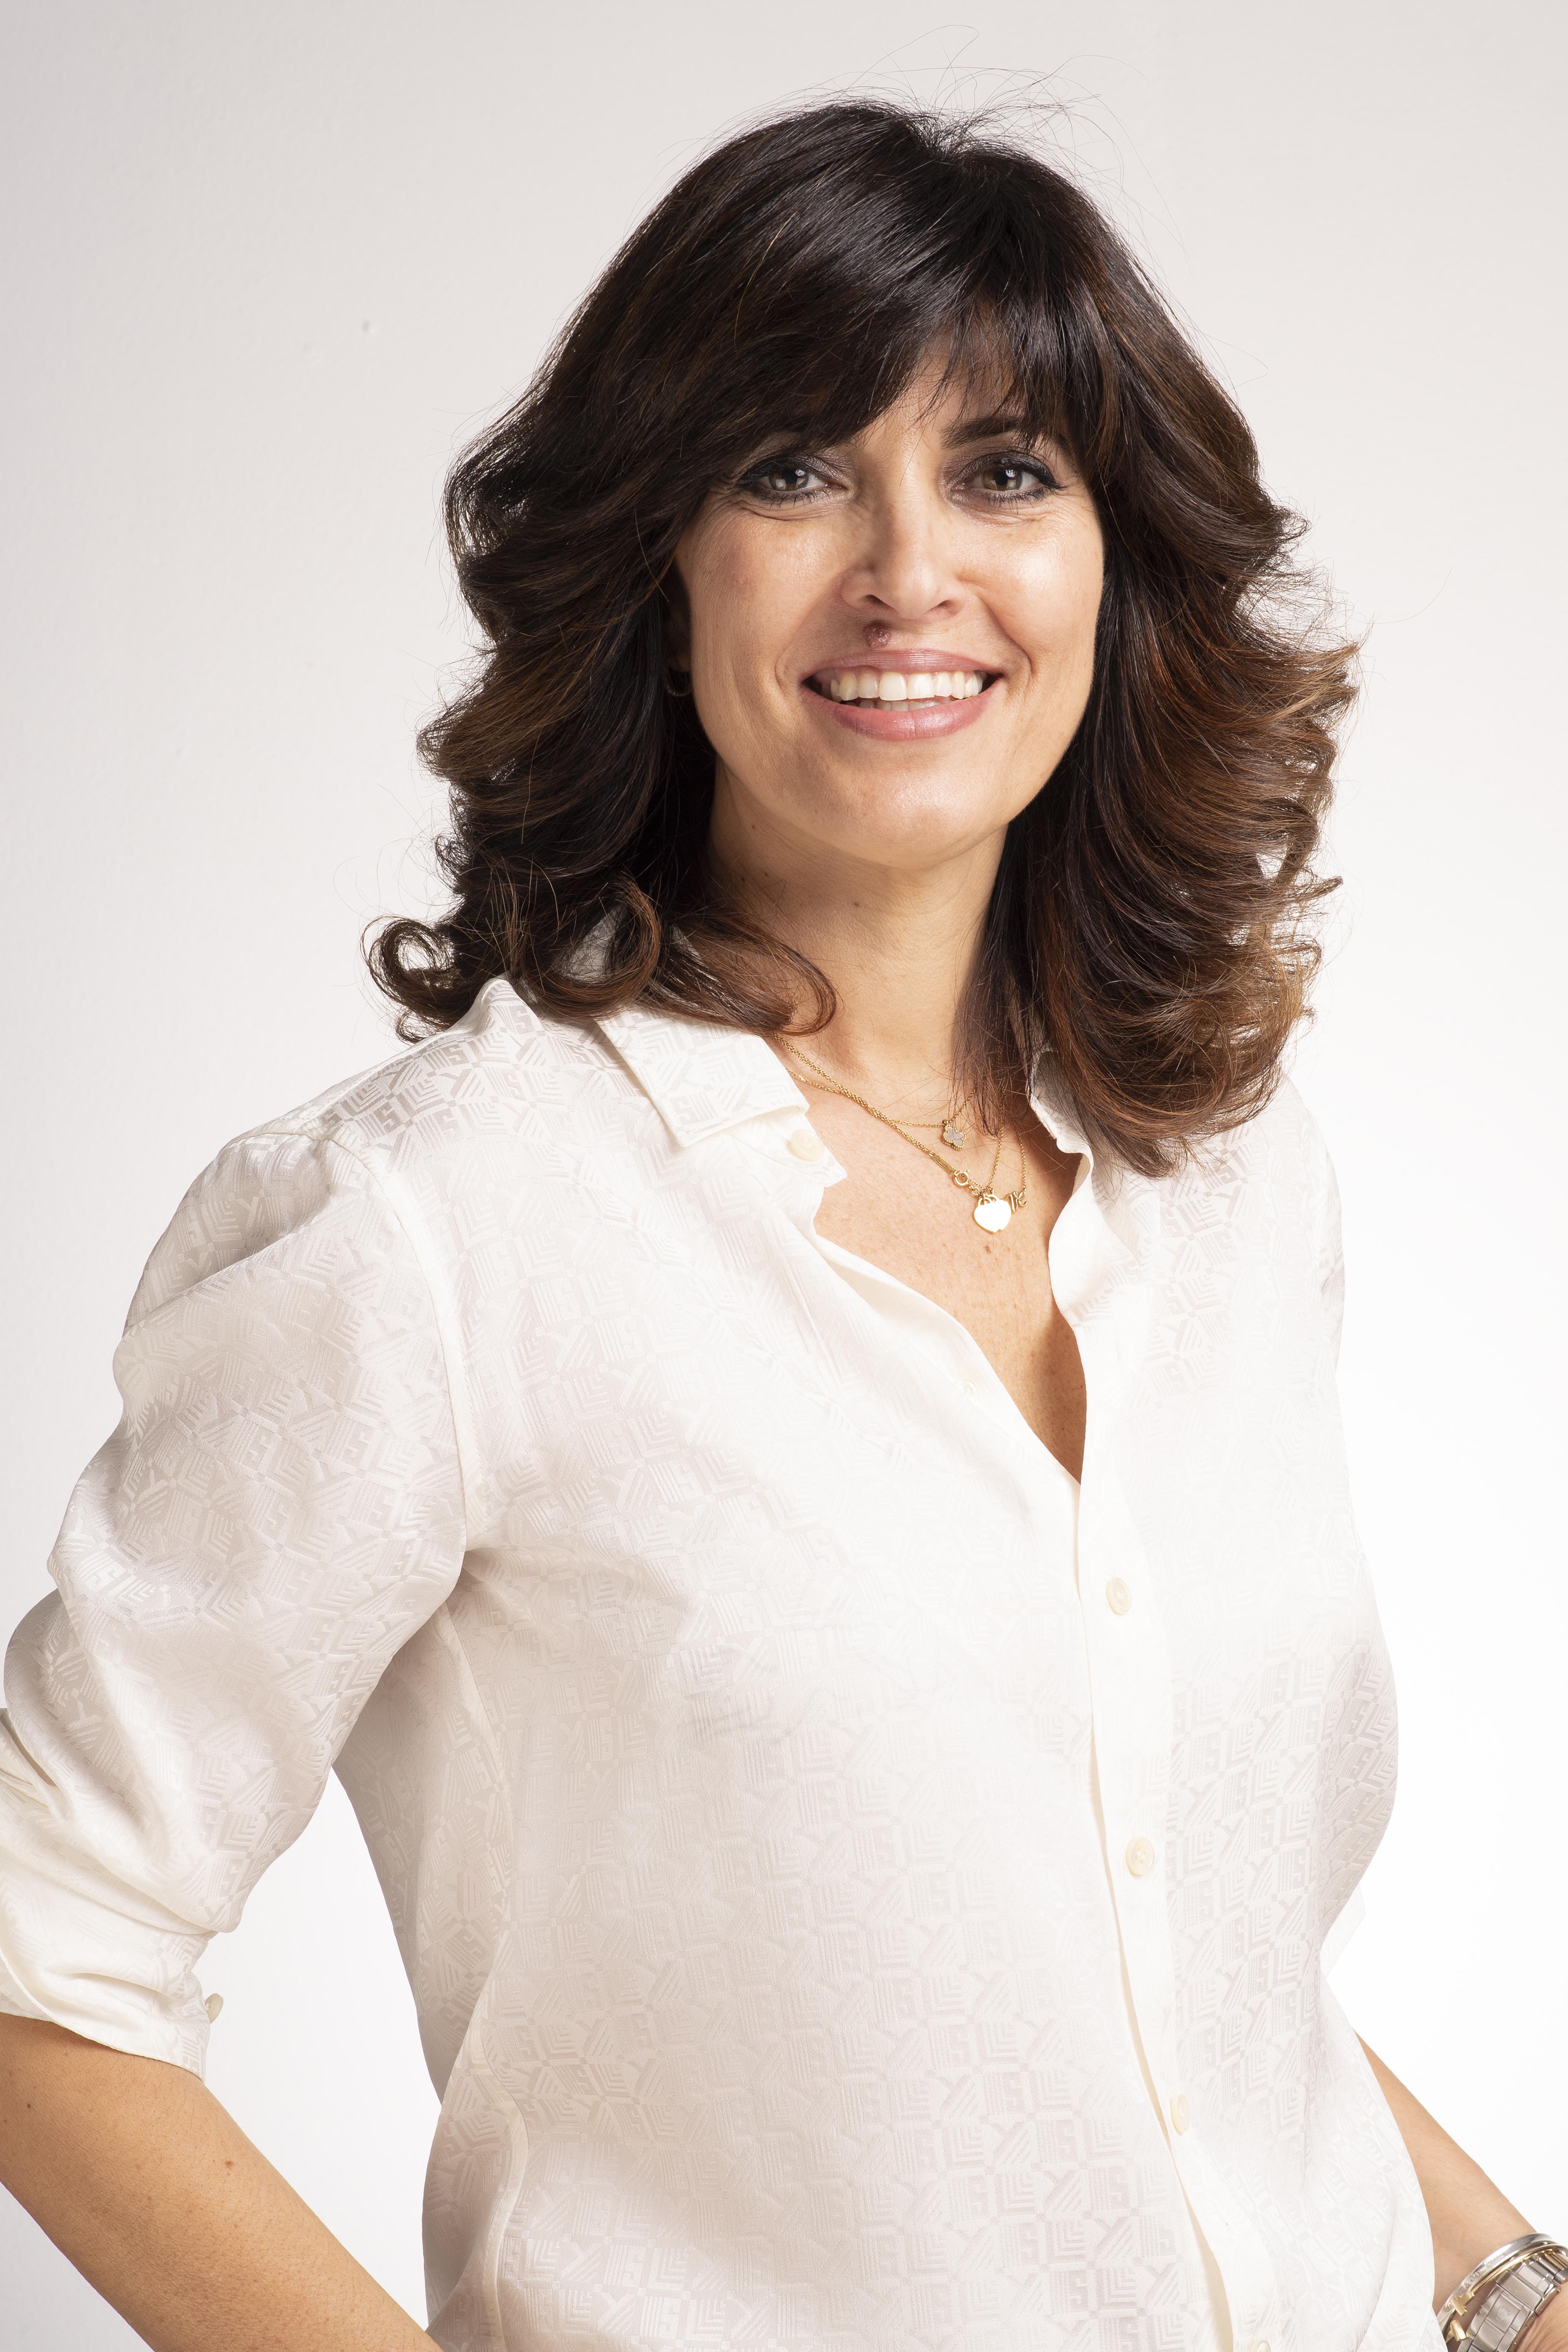 Cristina Paini